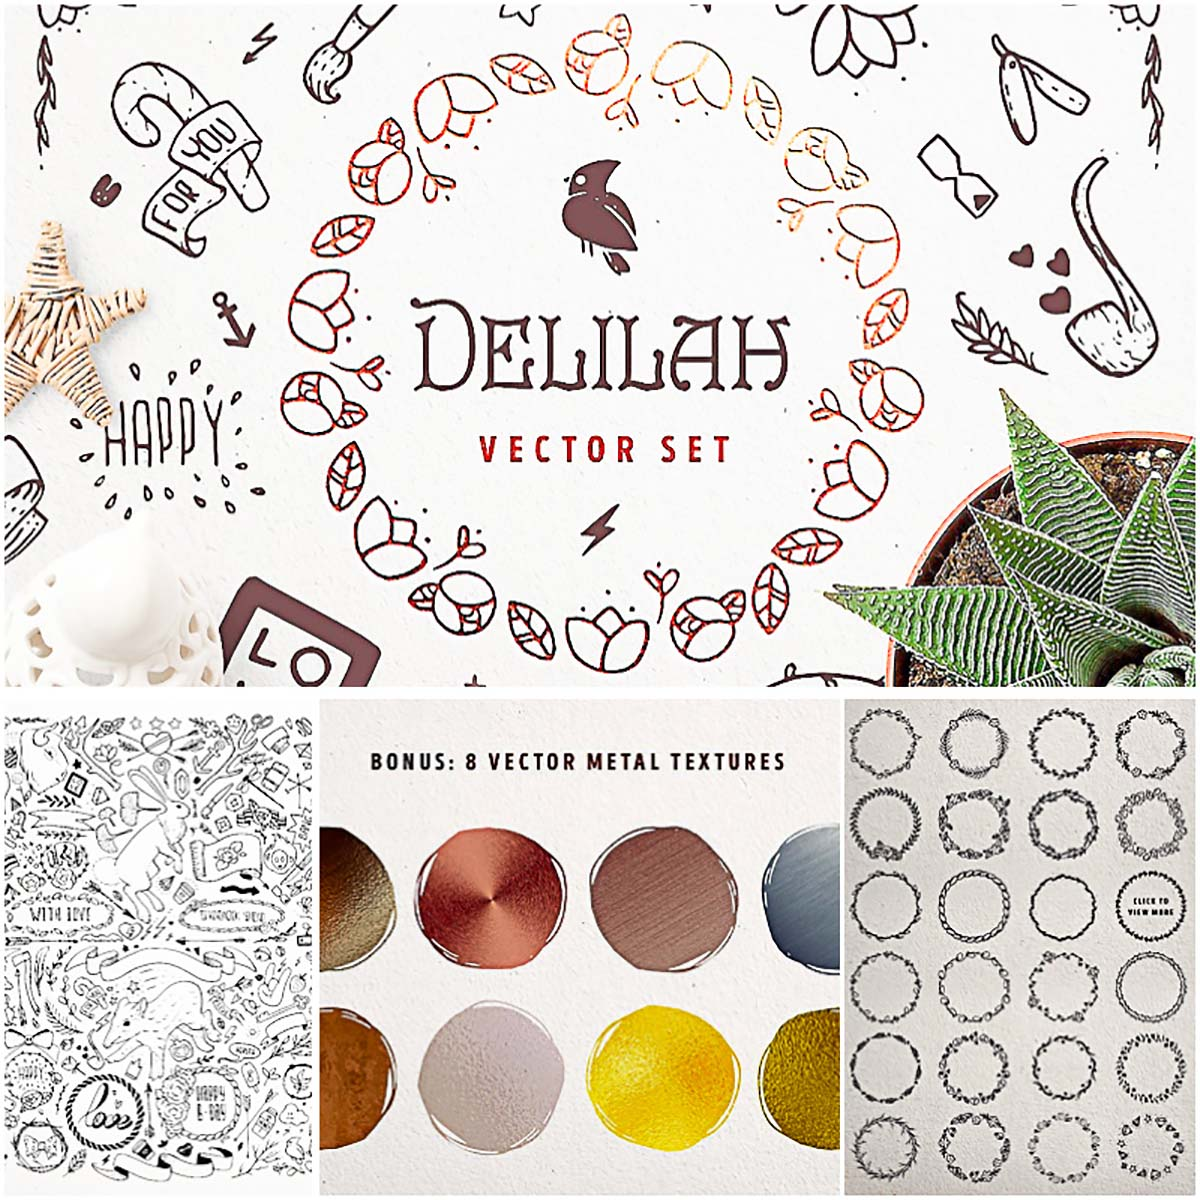 Delilah vector set